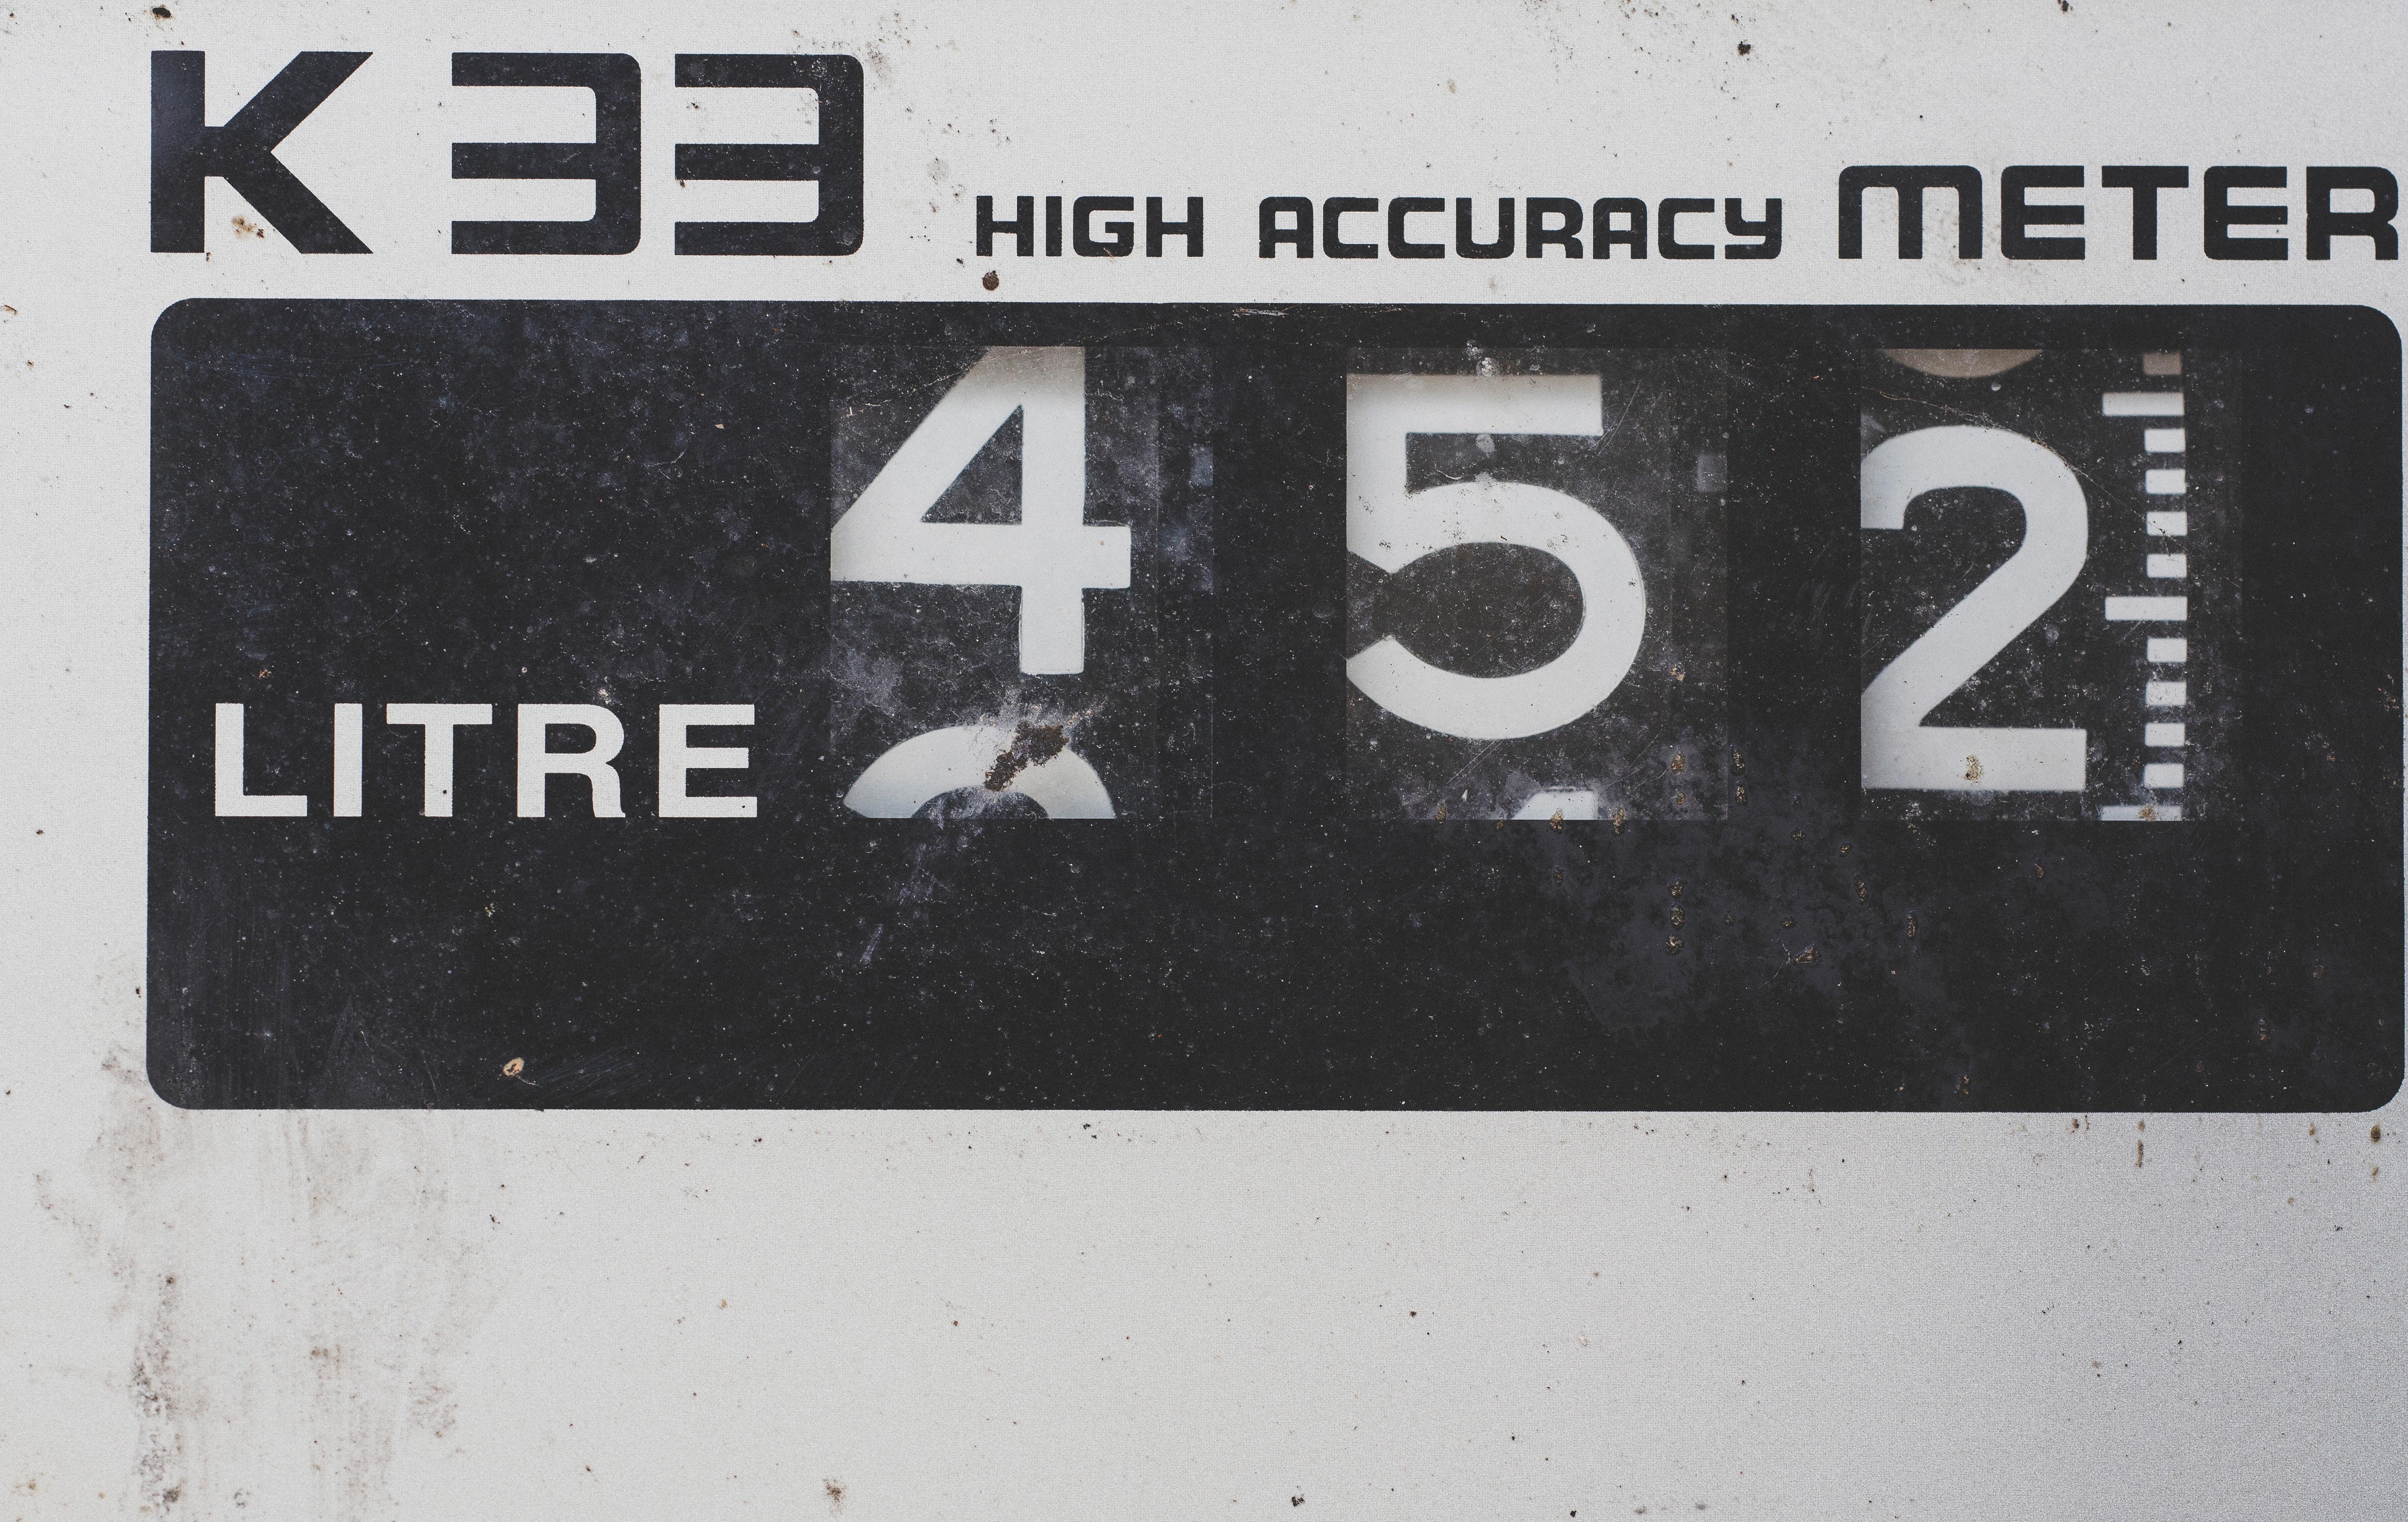 エンジェルナンバー36が教えてくれる意味と大切なメッセージを解説